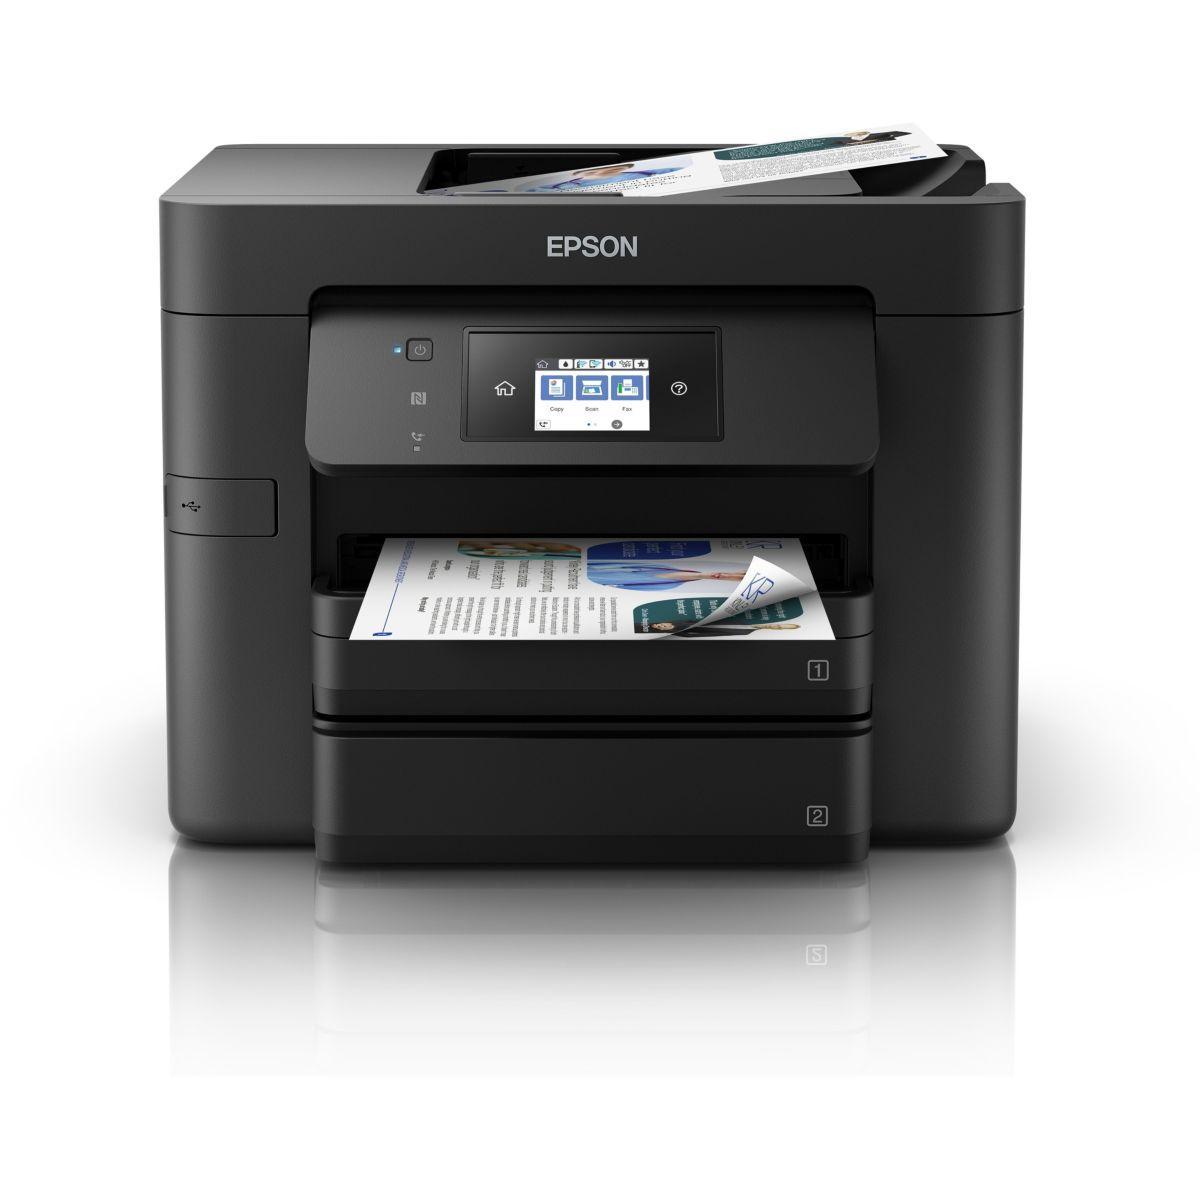 Imprimante jet d'encre epson wf-4730dtwf pro (photo)